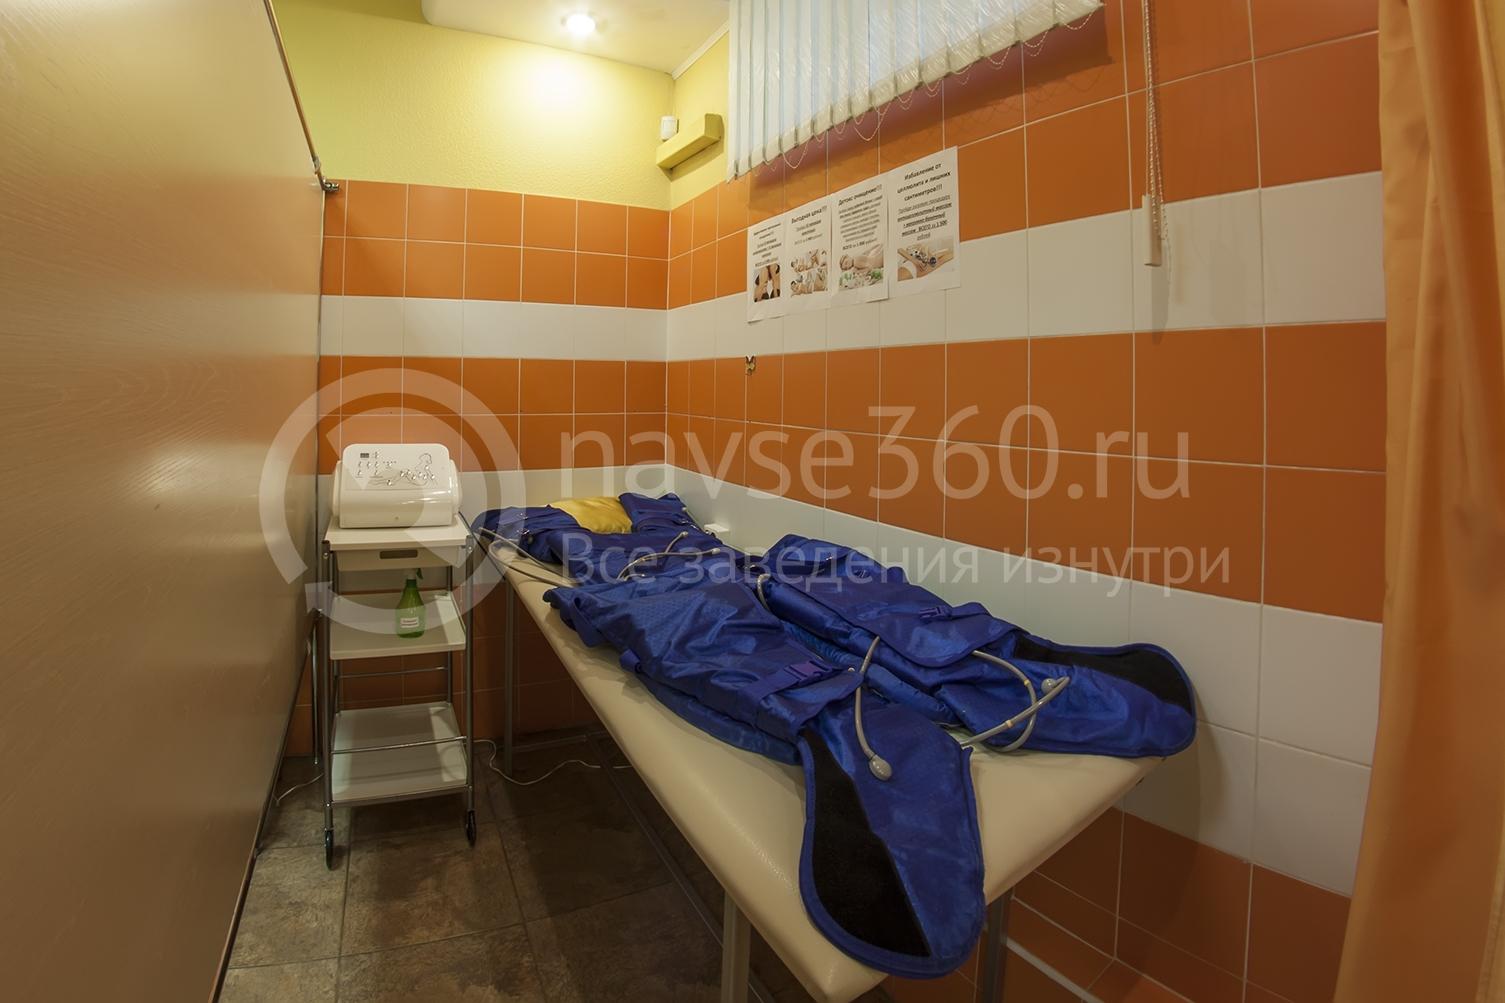 центр красоты и здоровья Новосибирск